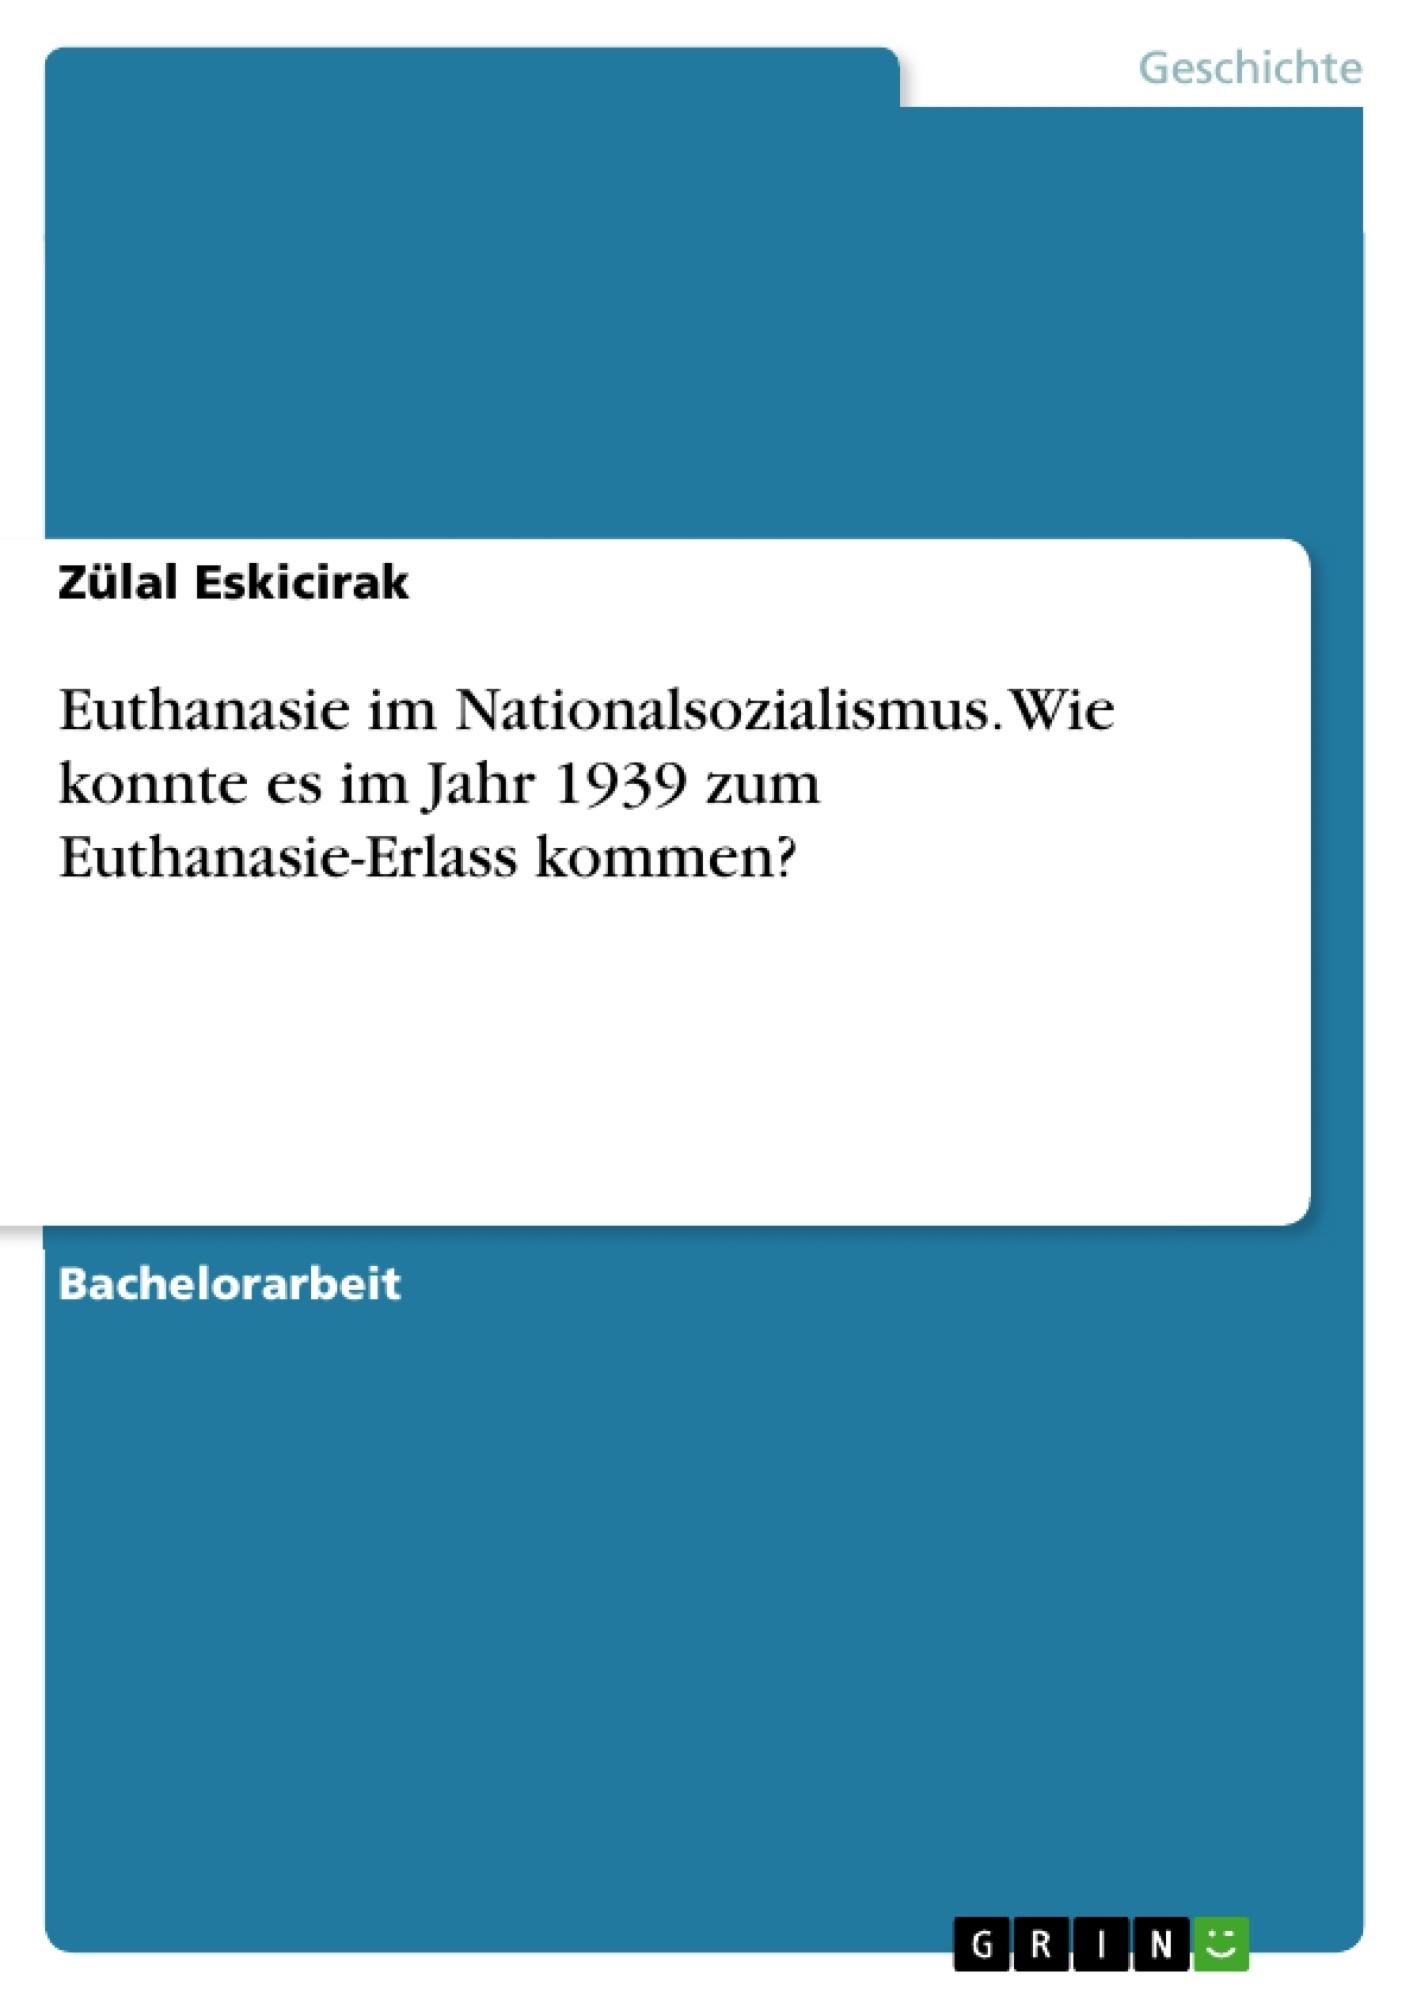 Titel: Euthanasie im Nationalsozialismus. Wie konnte es im Jahr 1939 zum Euthanasie-Erlass kommen?